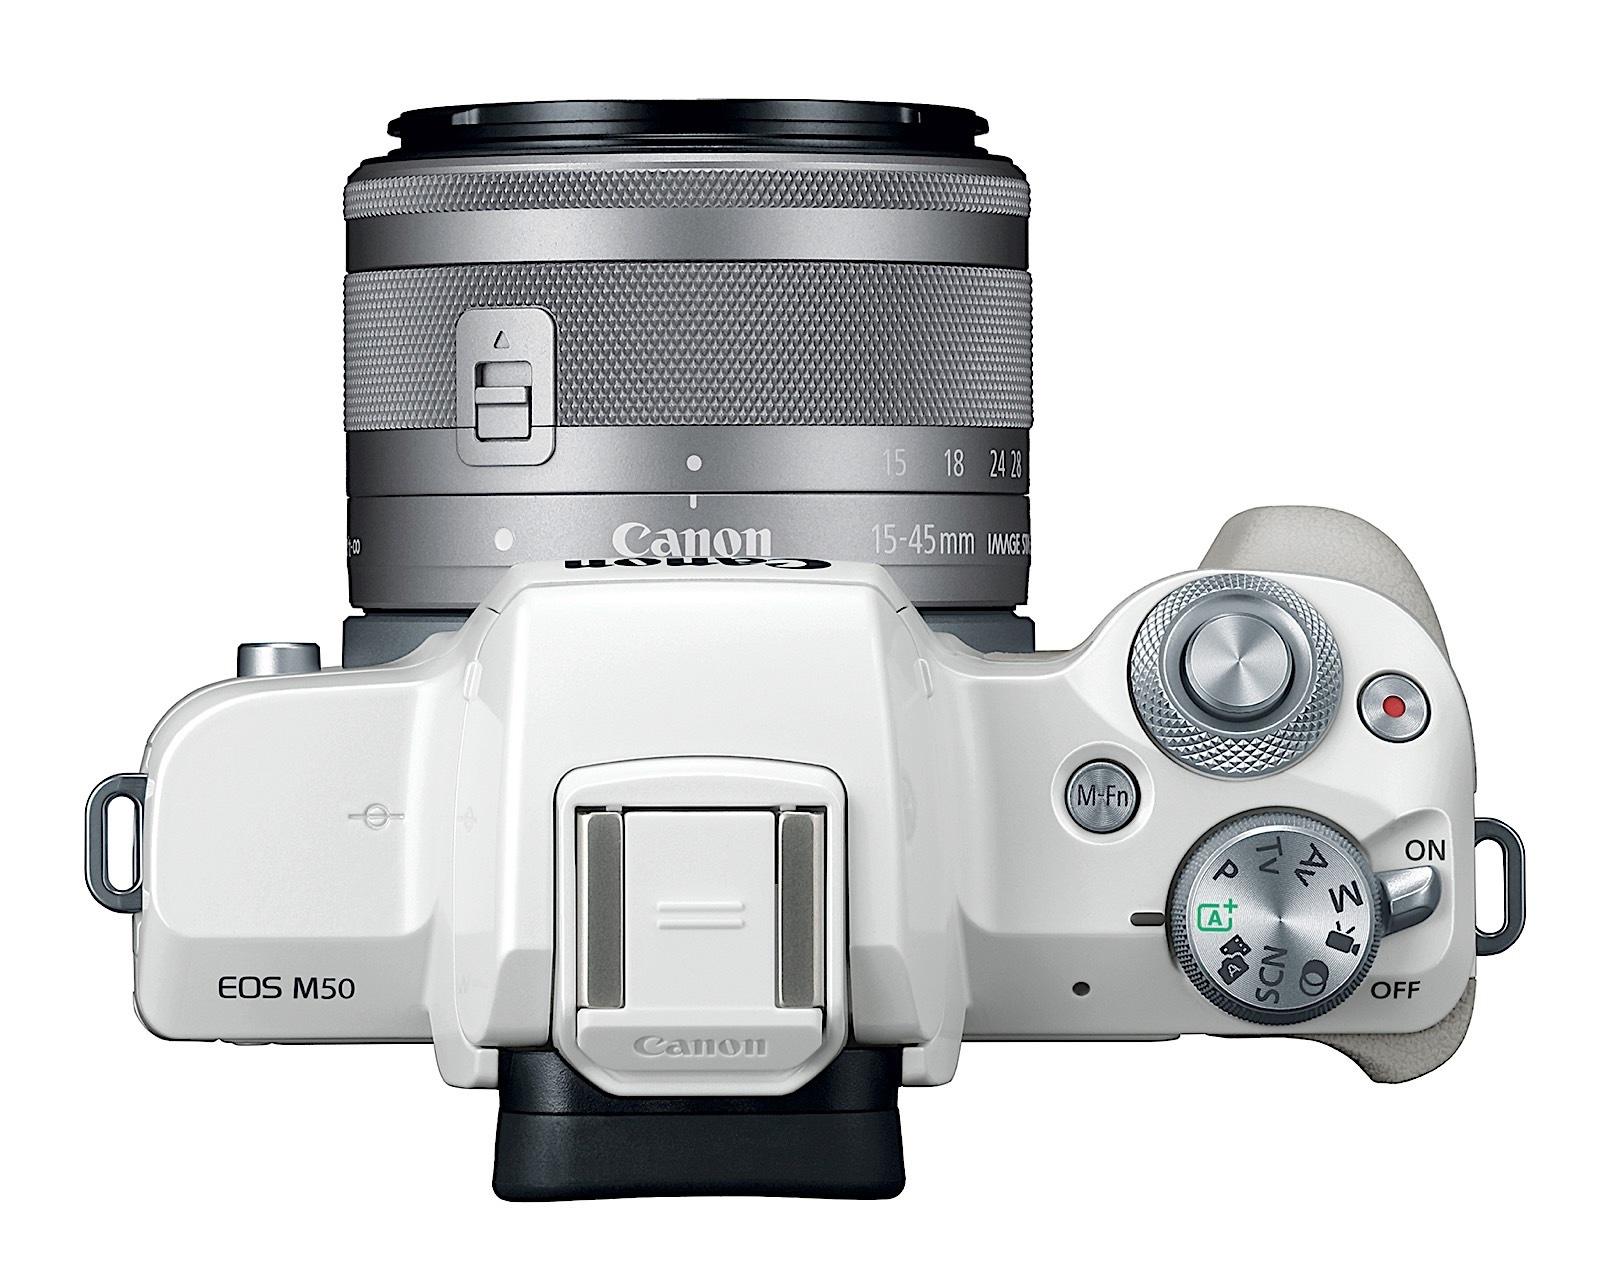 hr-eos-m50-white-body-front-cl-1.jpg